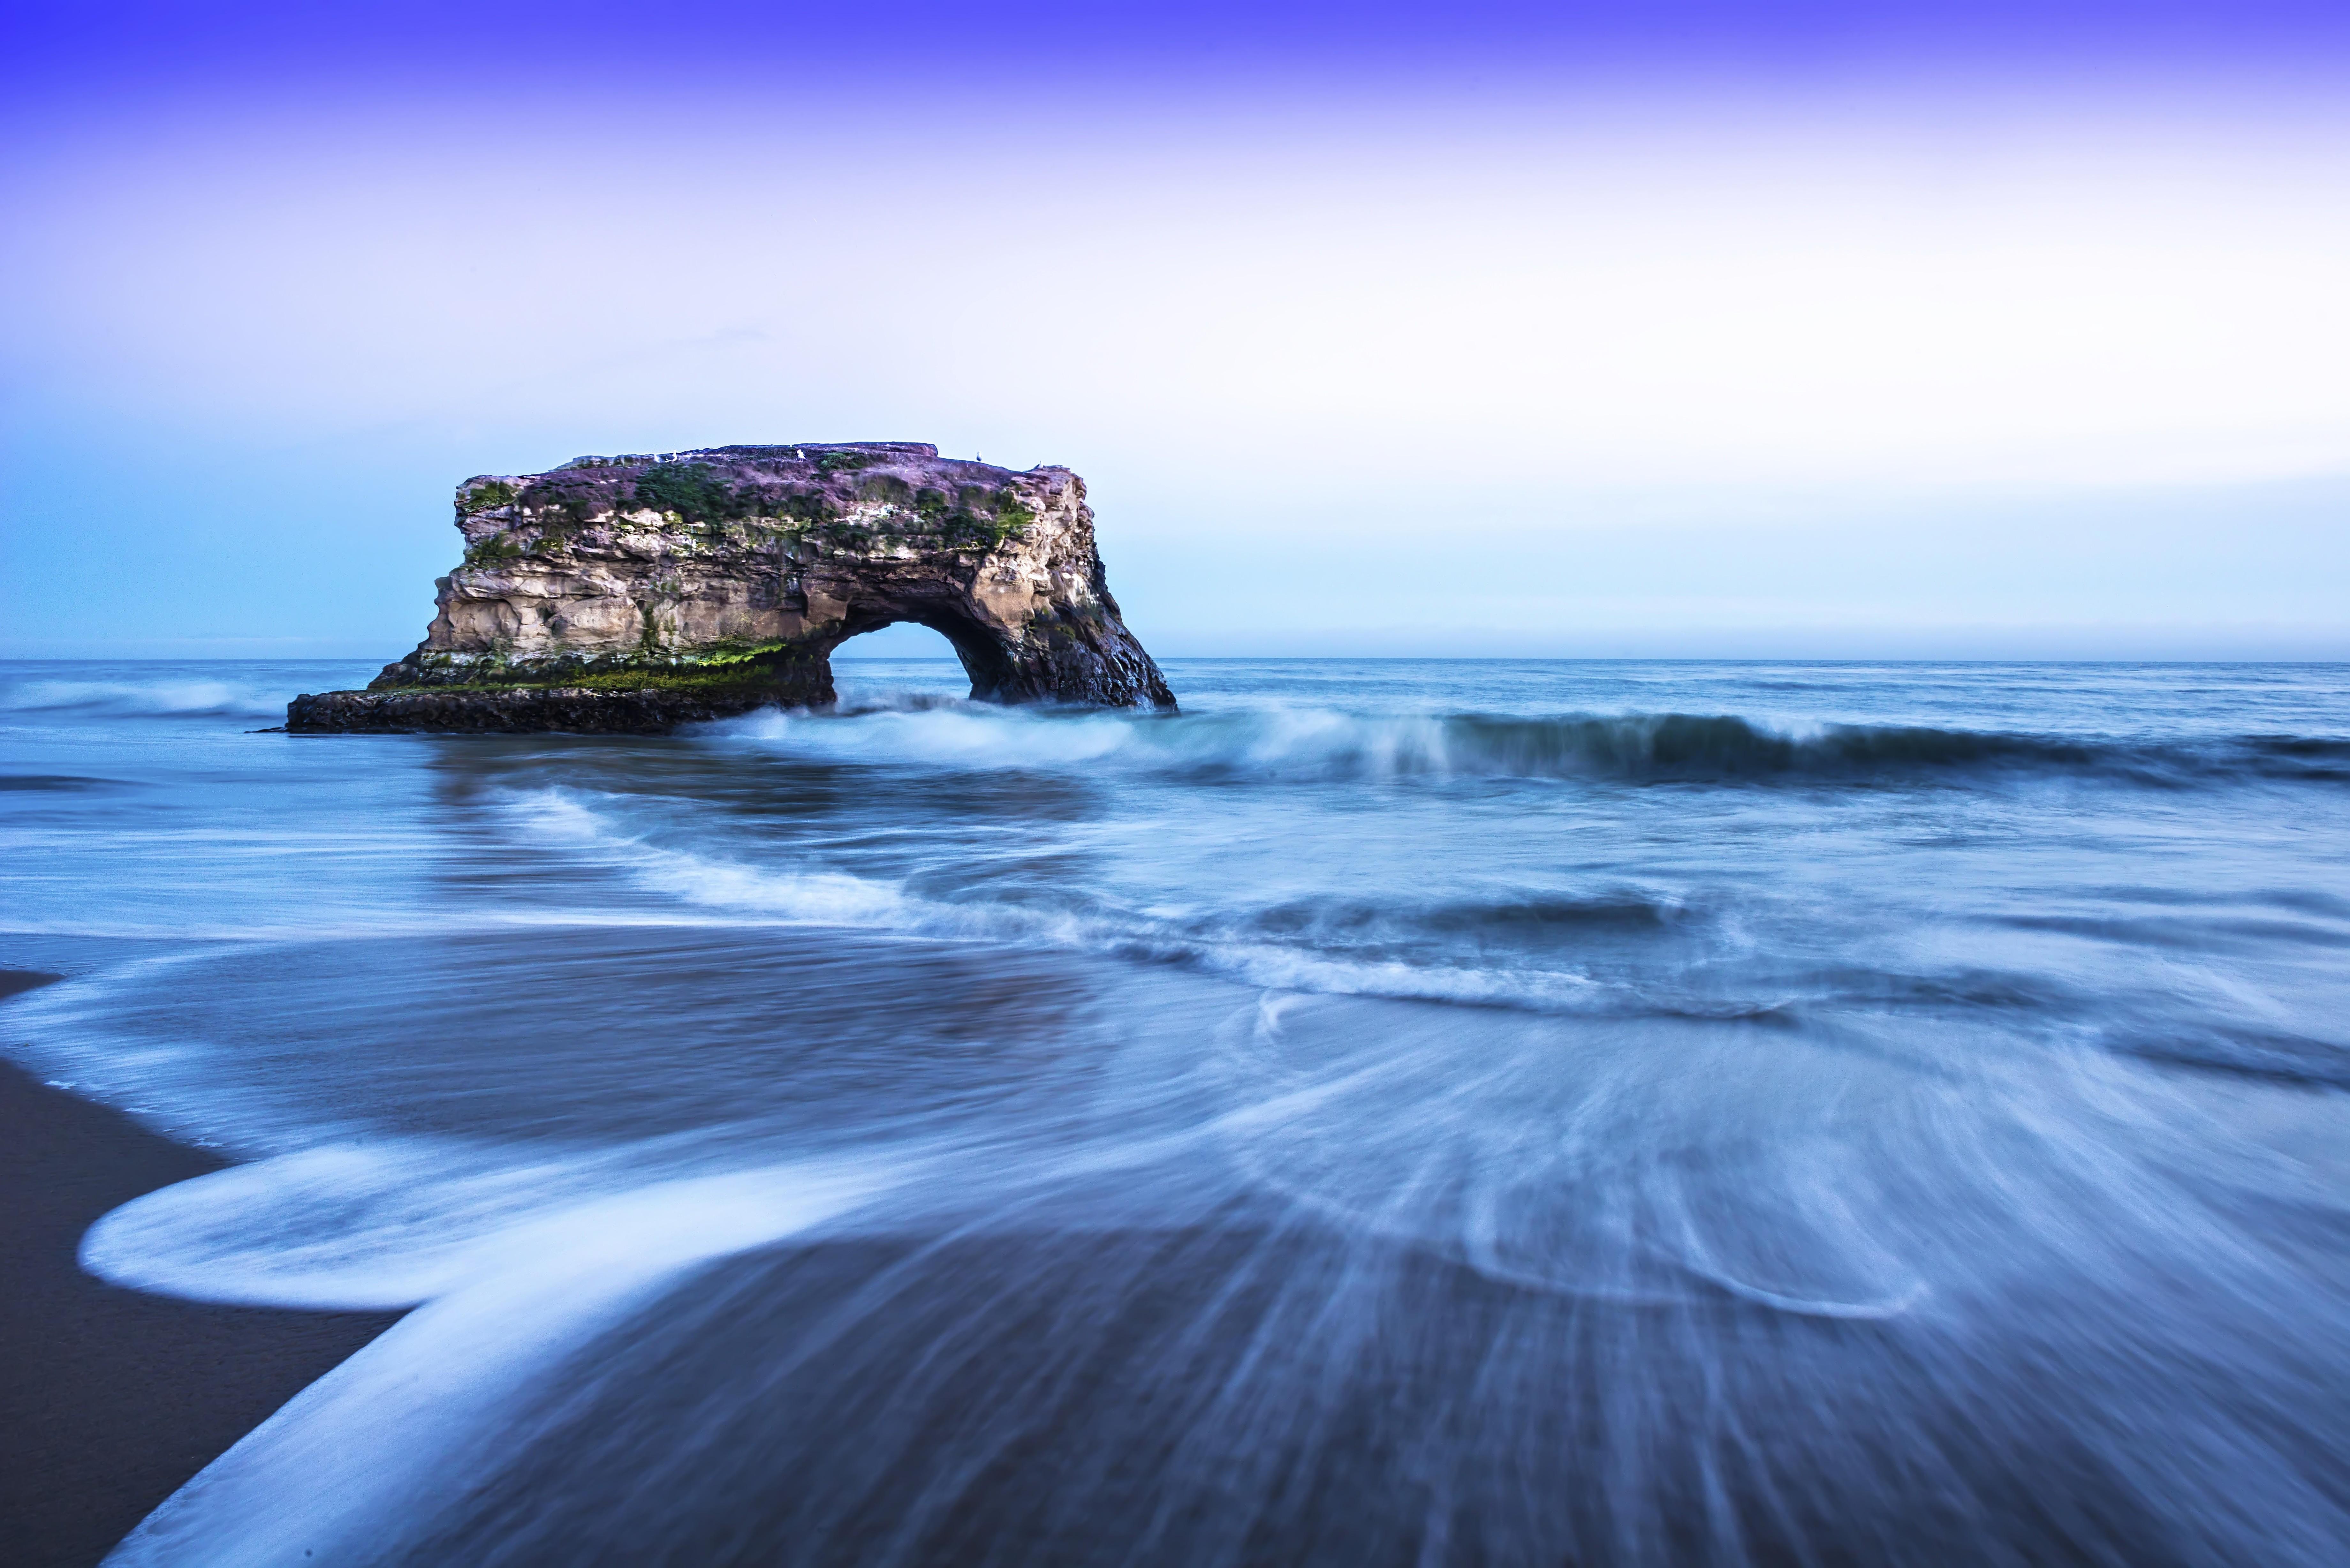 デスクトップ壁紙 海洋 カリフォルニア 日没 サンタクルーズ パシフィック ナチュラルブリッジステートビーチ 7360x4912 デスクトップ壁紙 Wallhere